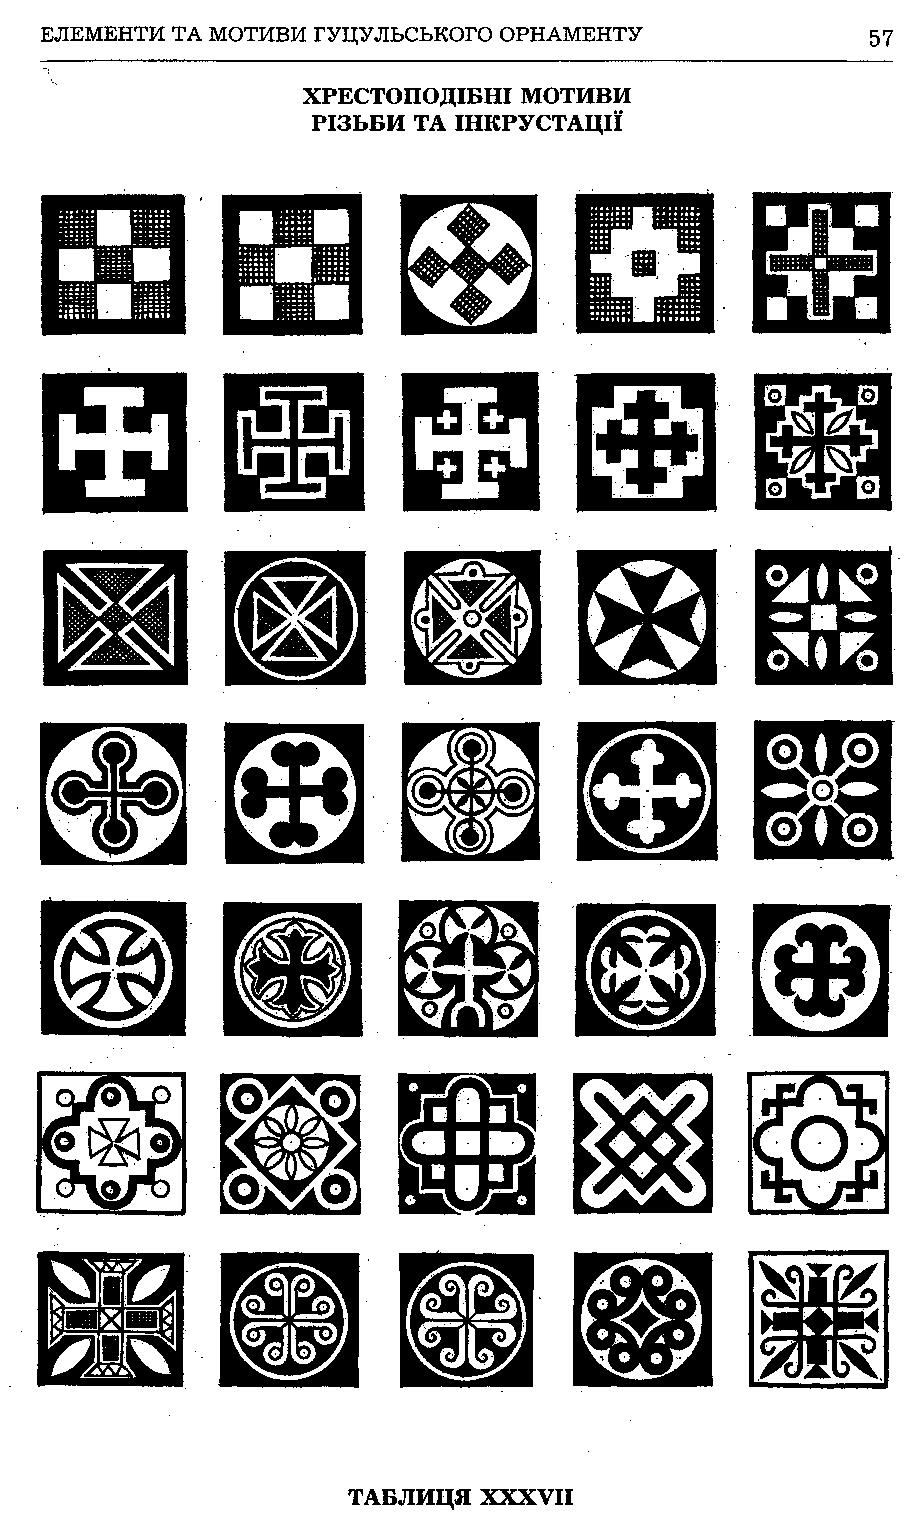 Tablitsya37-Hrestopodibni-motivi-rizbi-ta-inkrustatsiyi